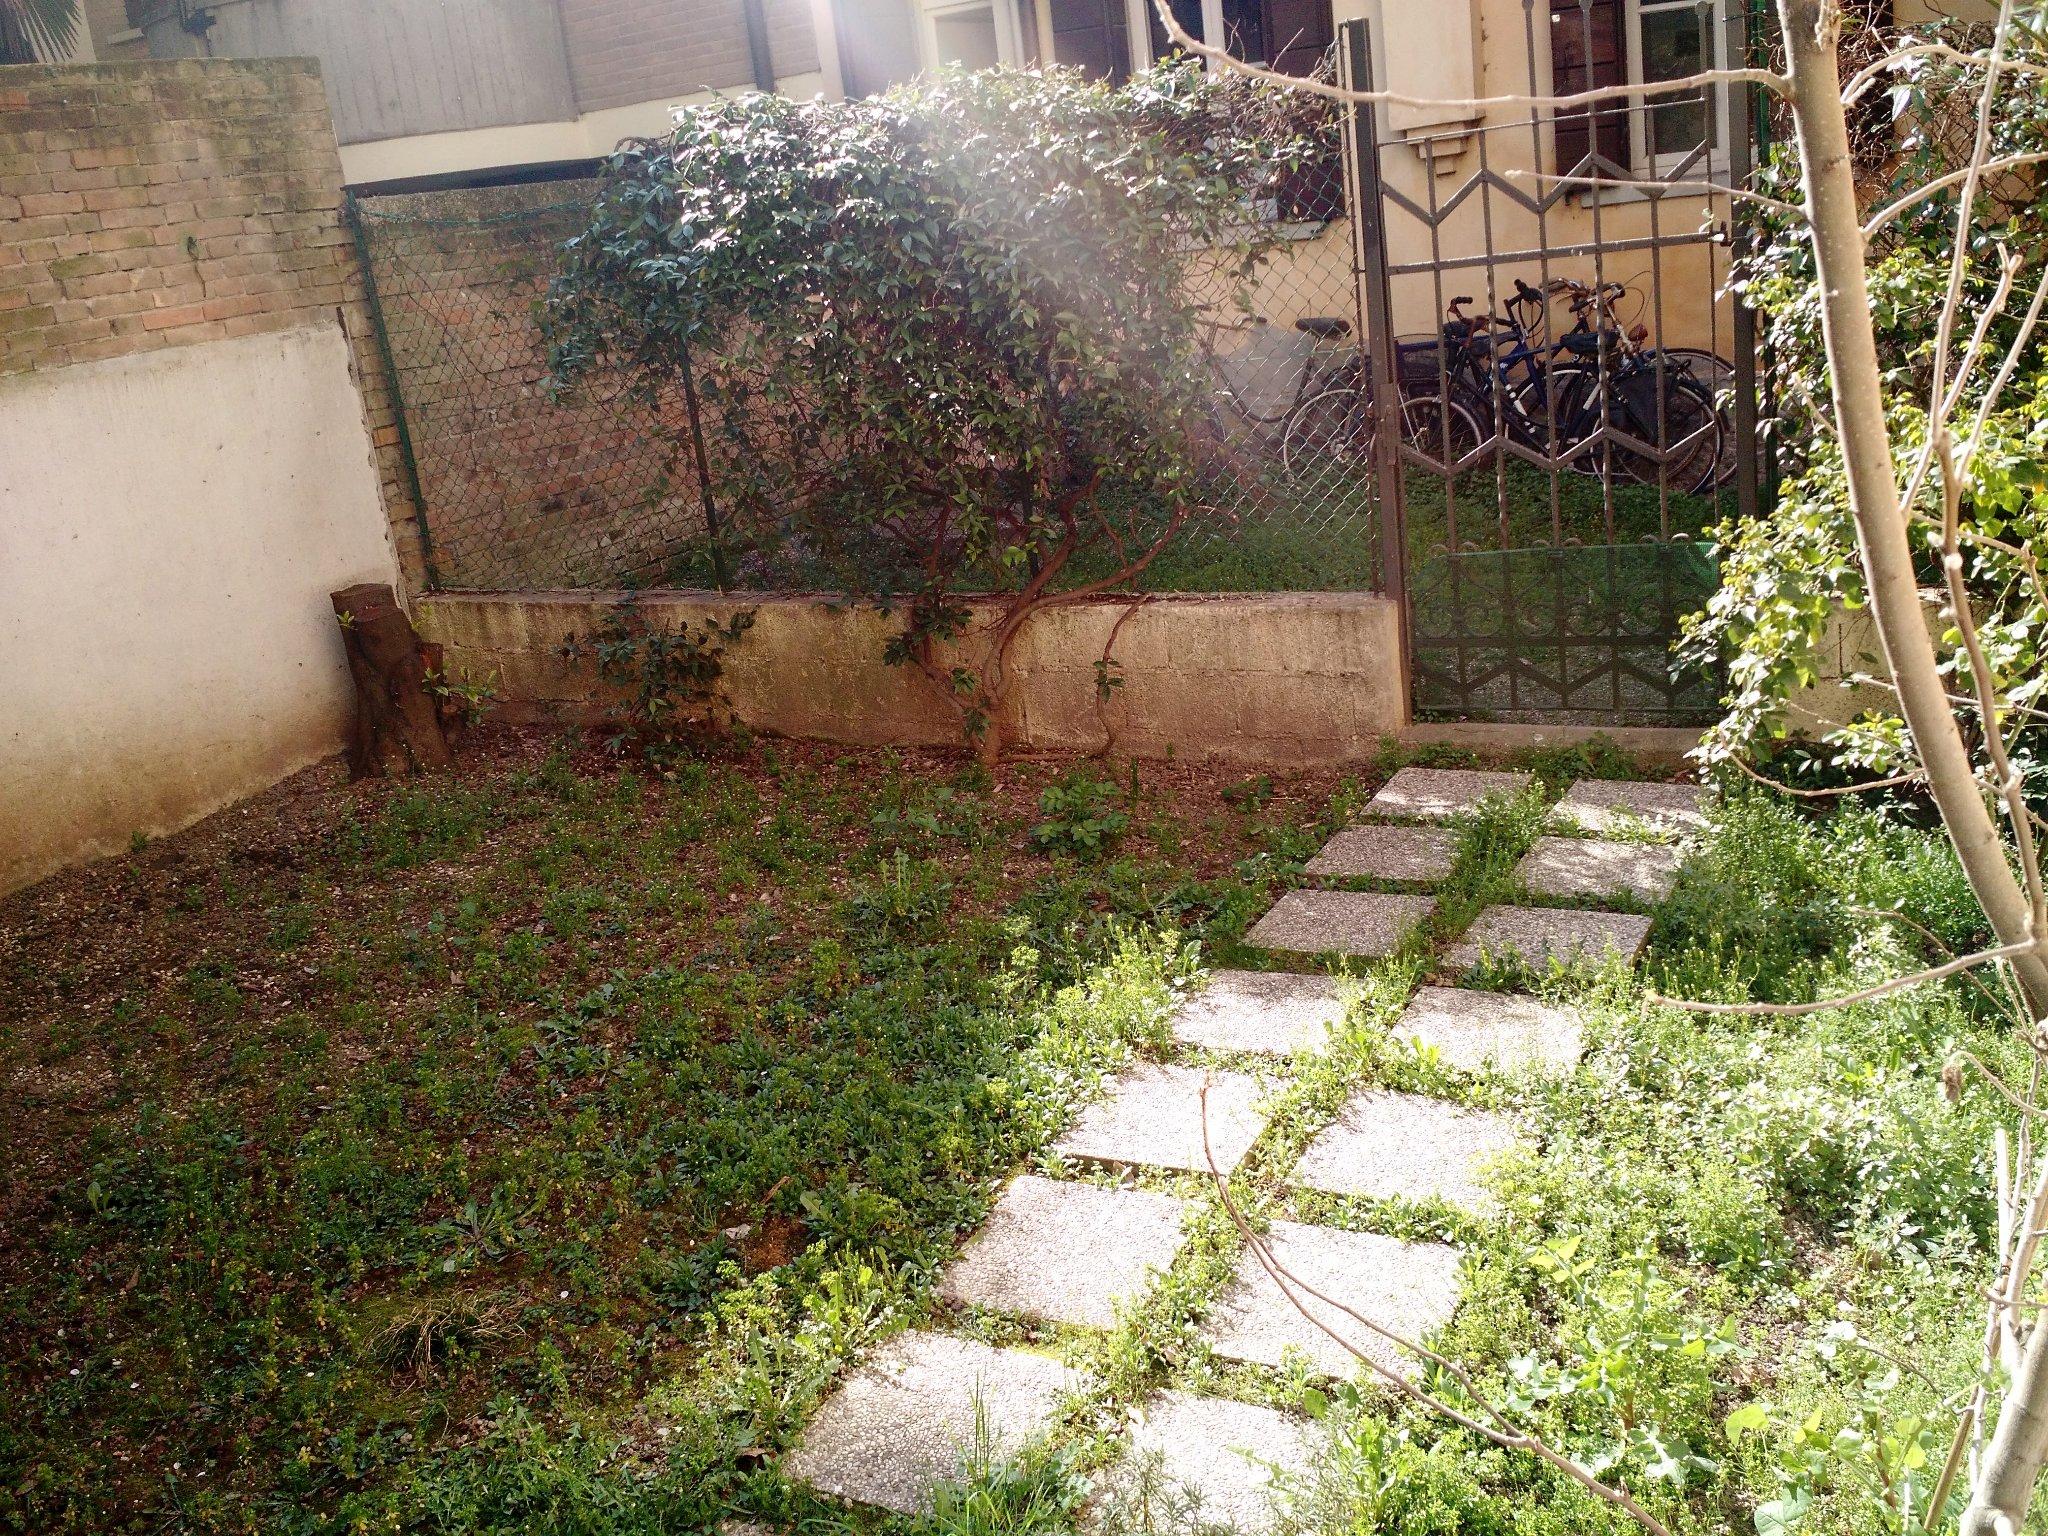 Sistemazione giardino e semina della nuova erba 25 mq - Quando seminare erba giardino ...